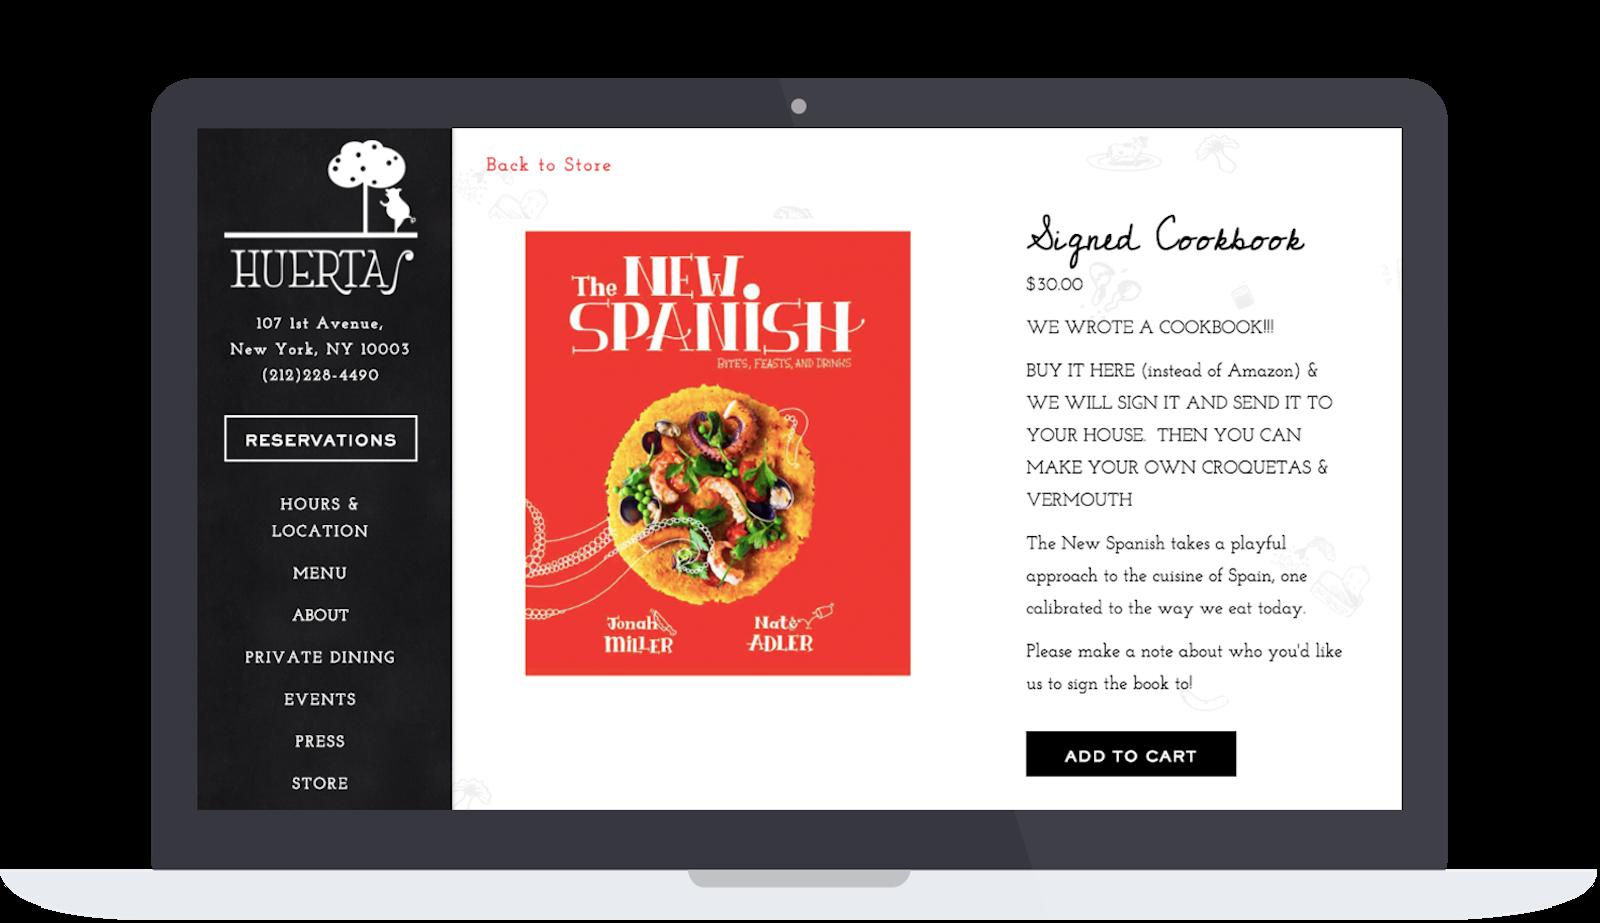 Huertas website selling their cookbook